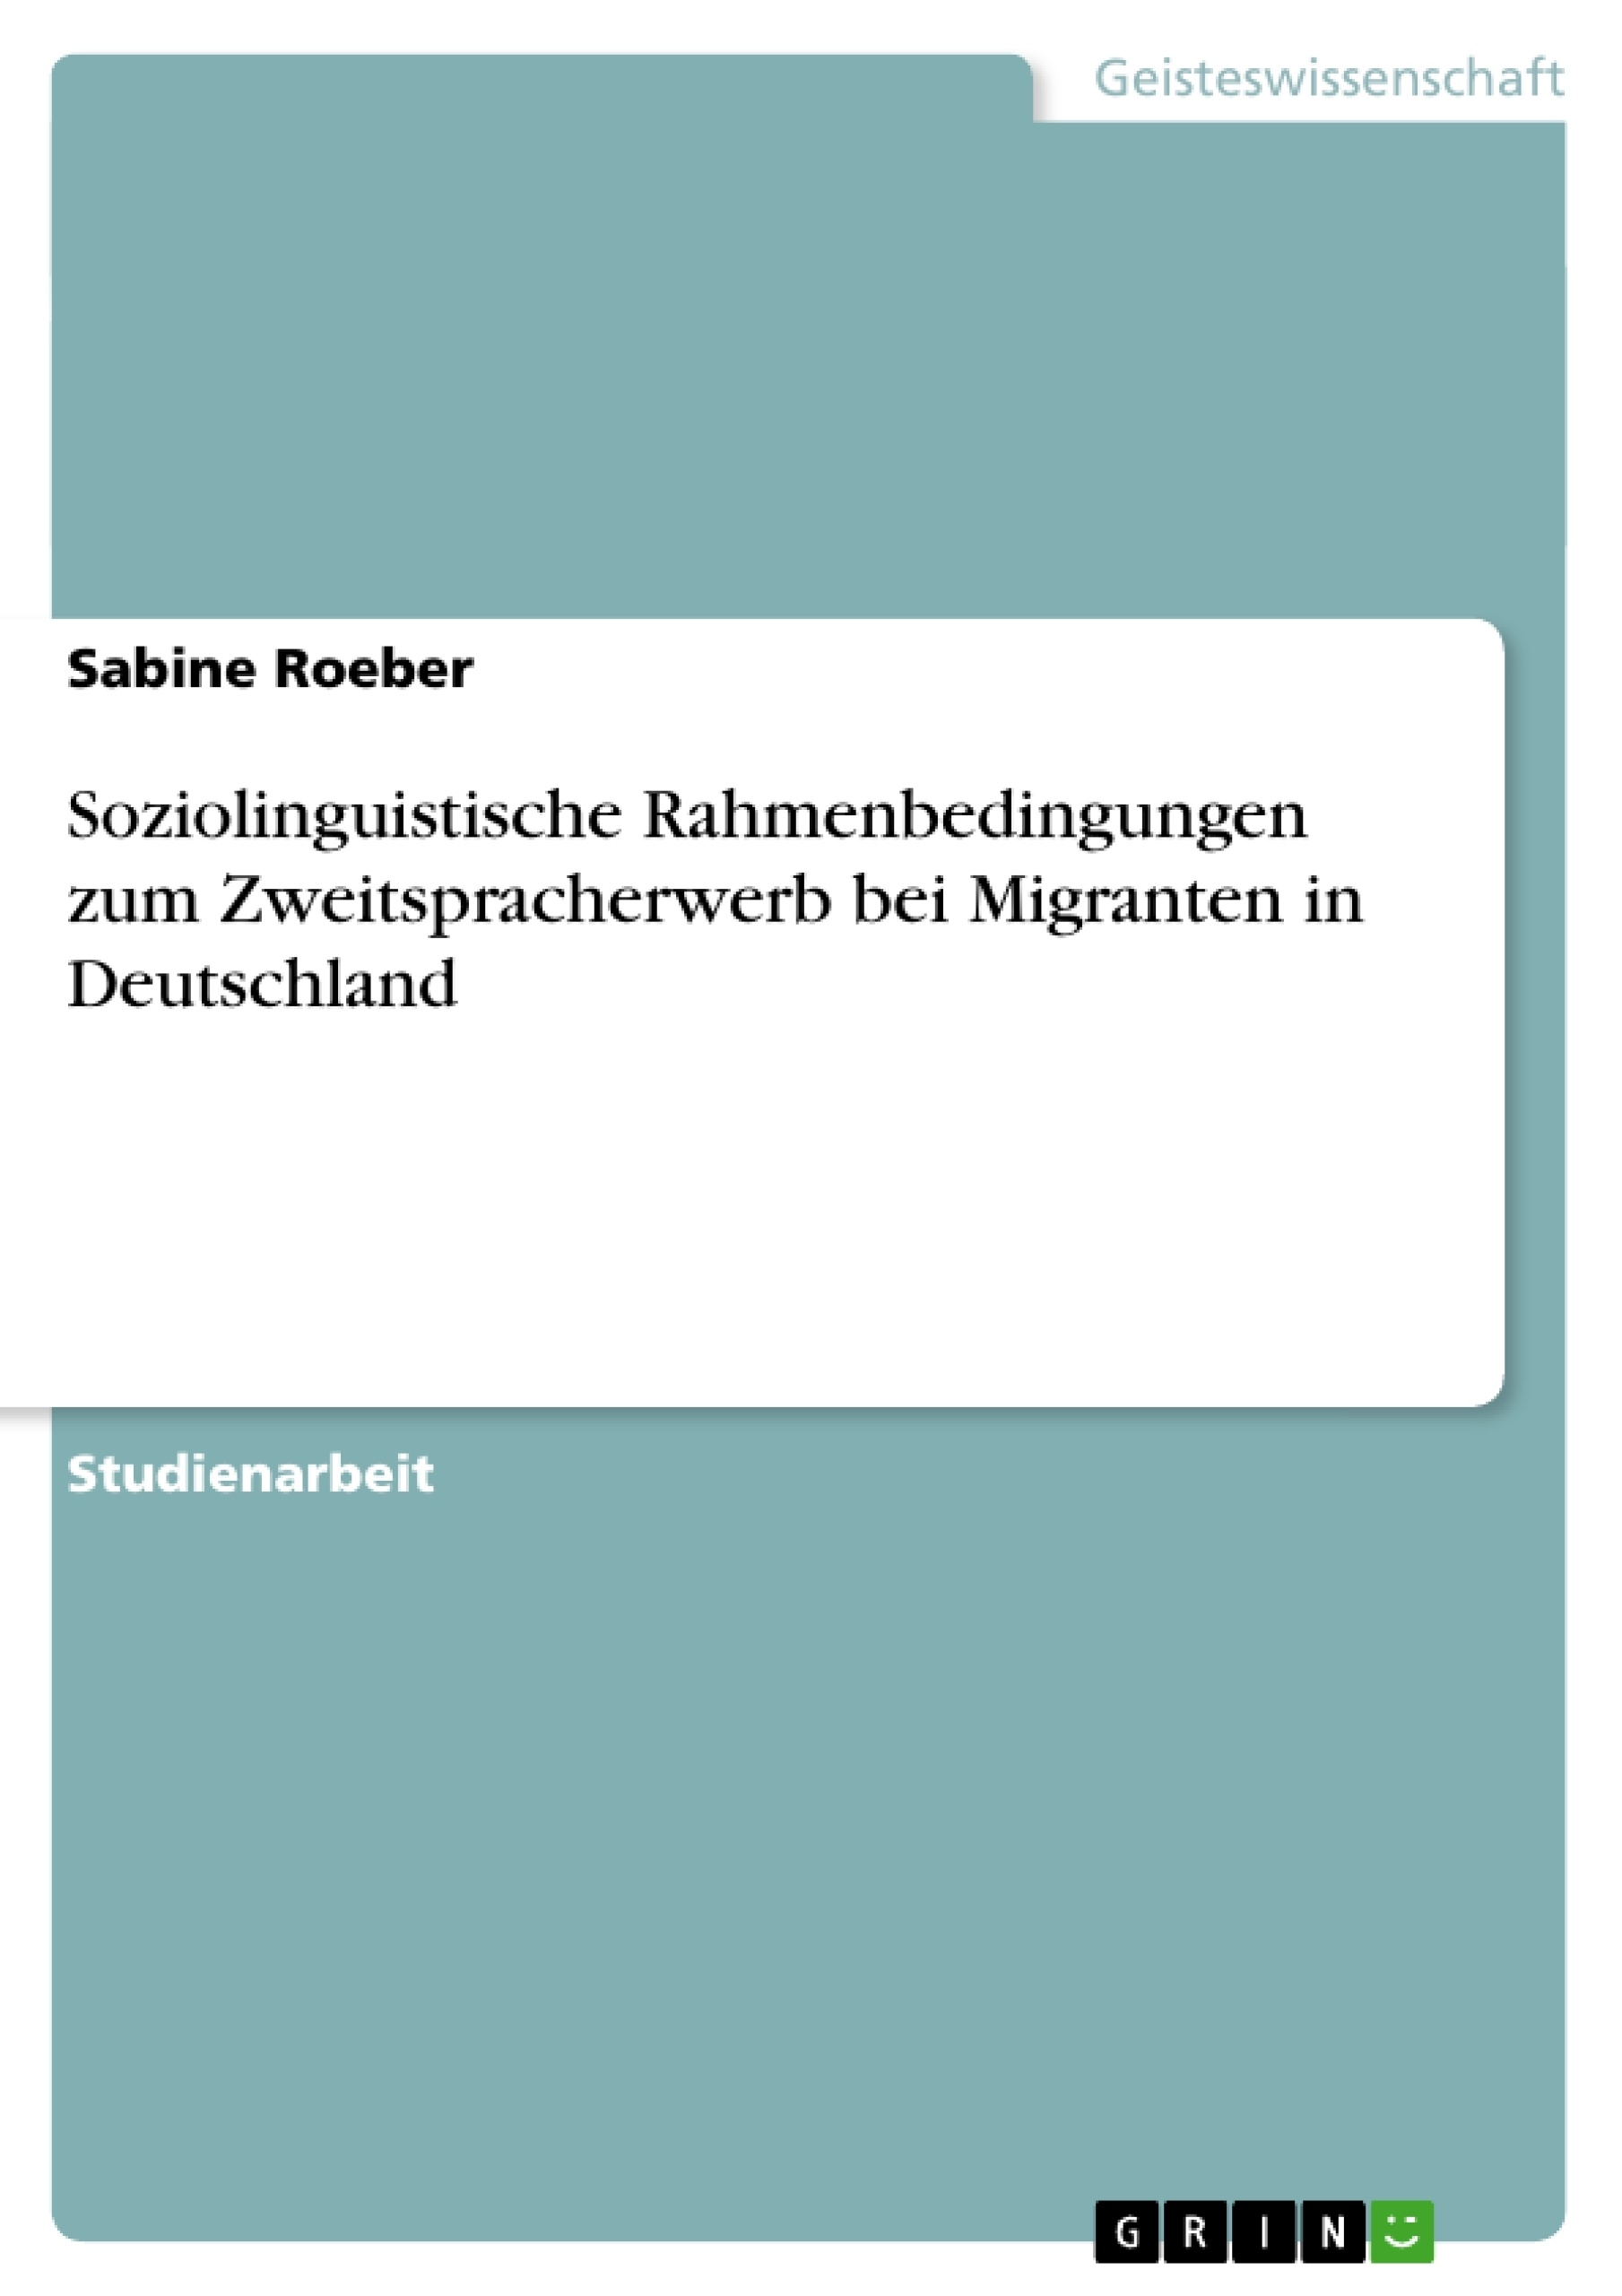 Titel: Soziolinguistische Rahmenbedingungen zum Zweitspracherwerb bei Migranten in Deutschland